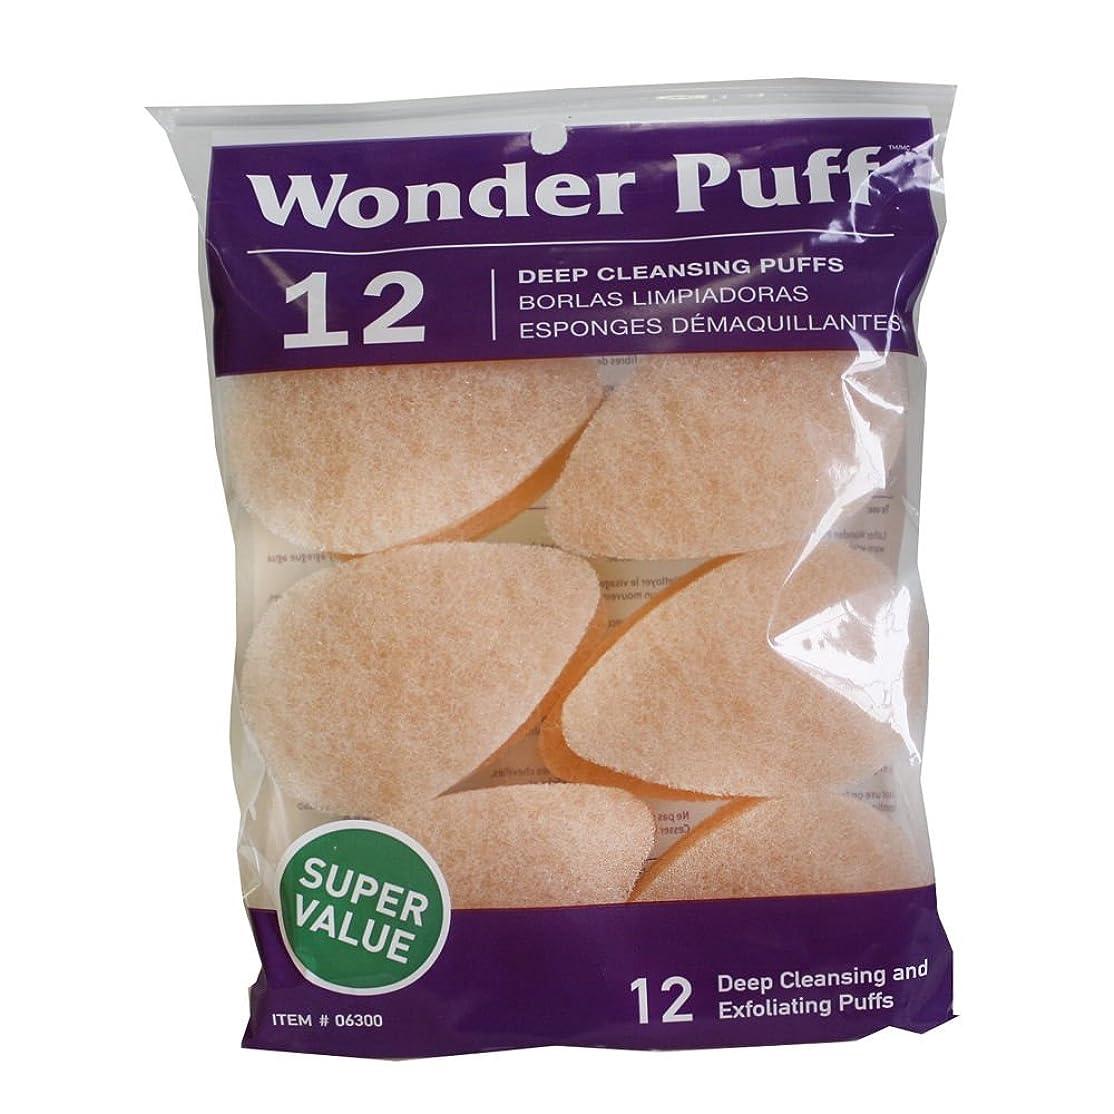 バンド天気勝利Wonder Puff Deep Cleansing Puffs 12's (並行輸入品)